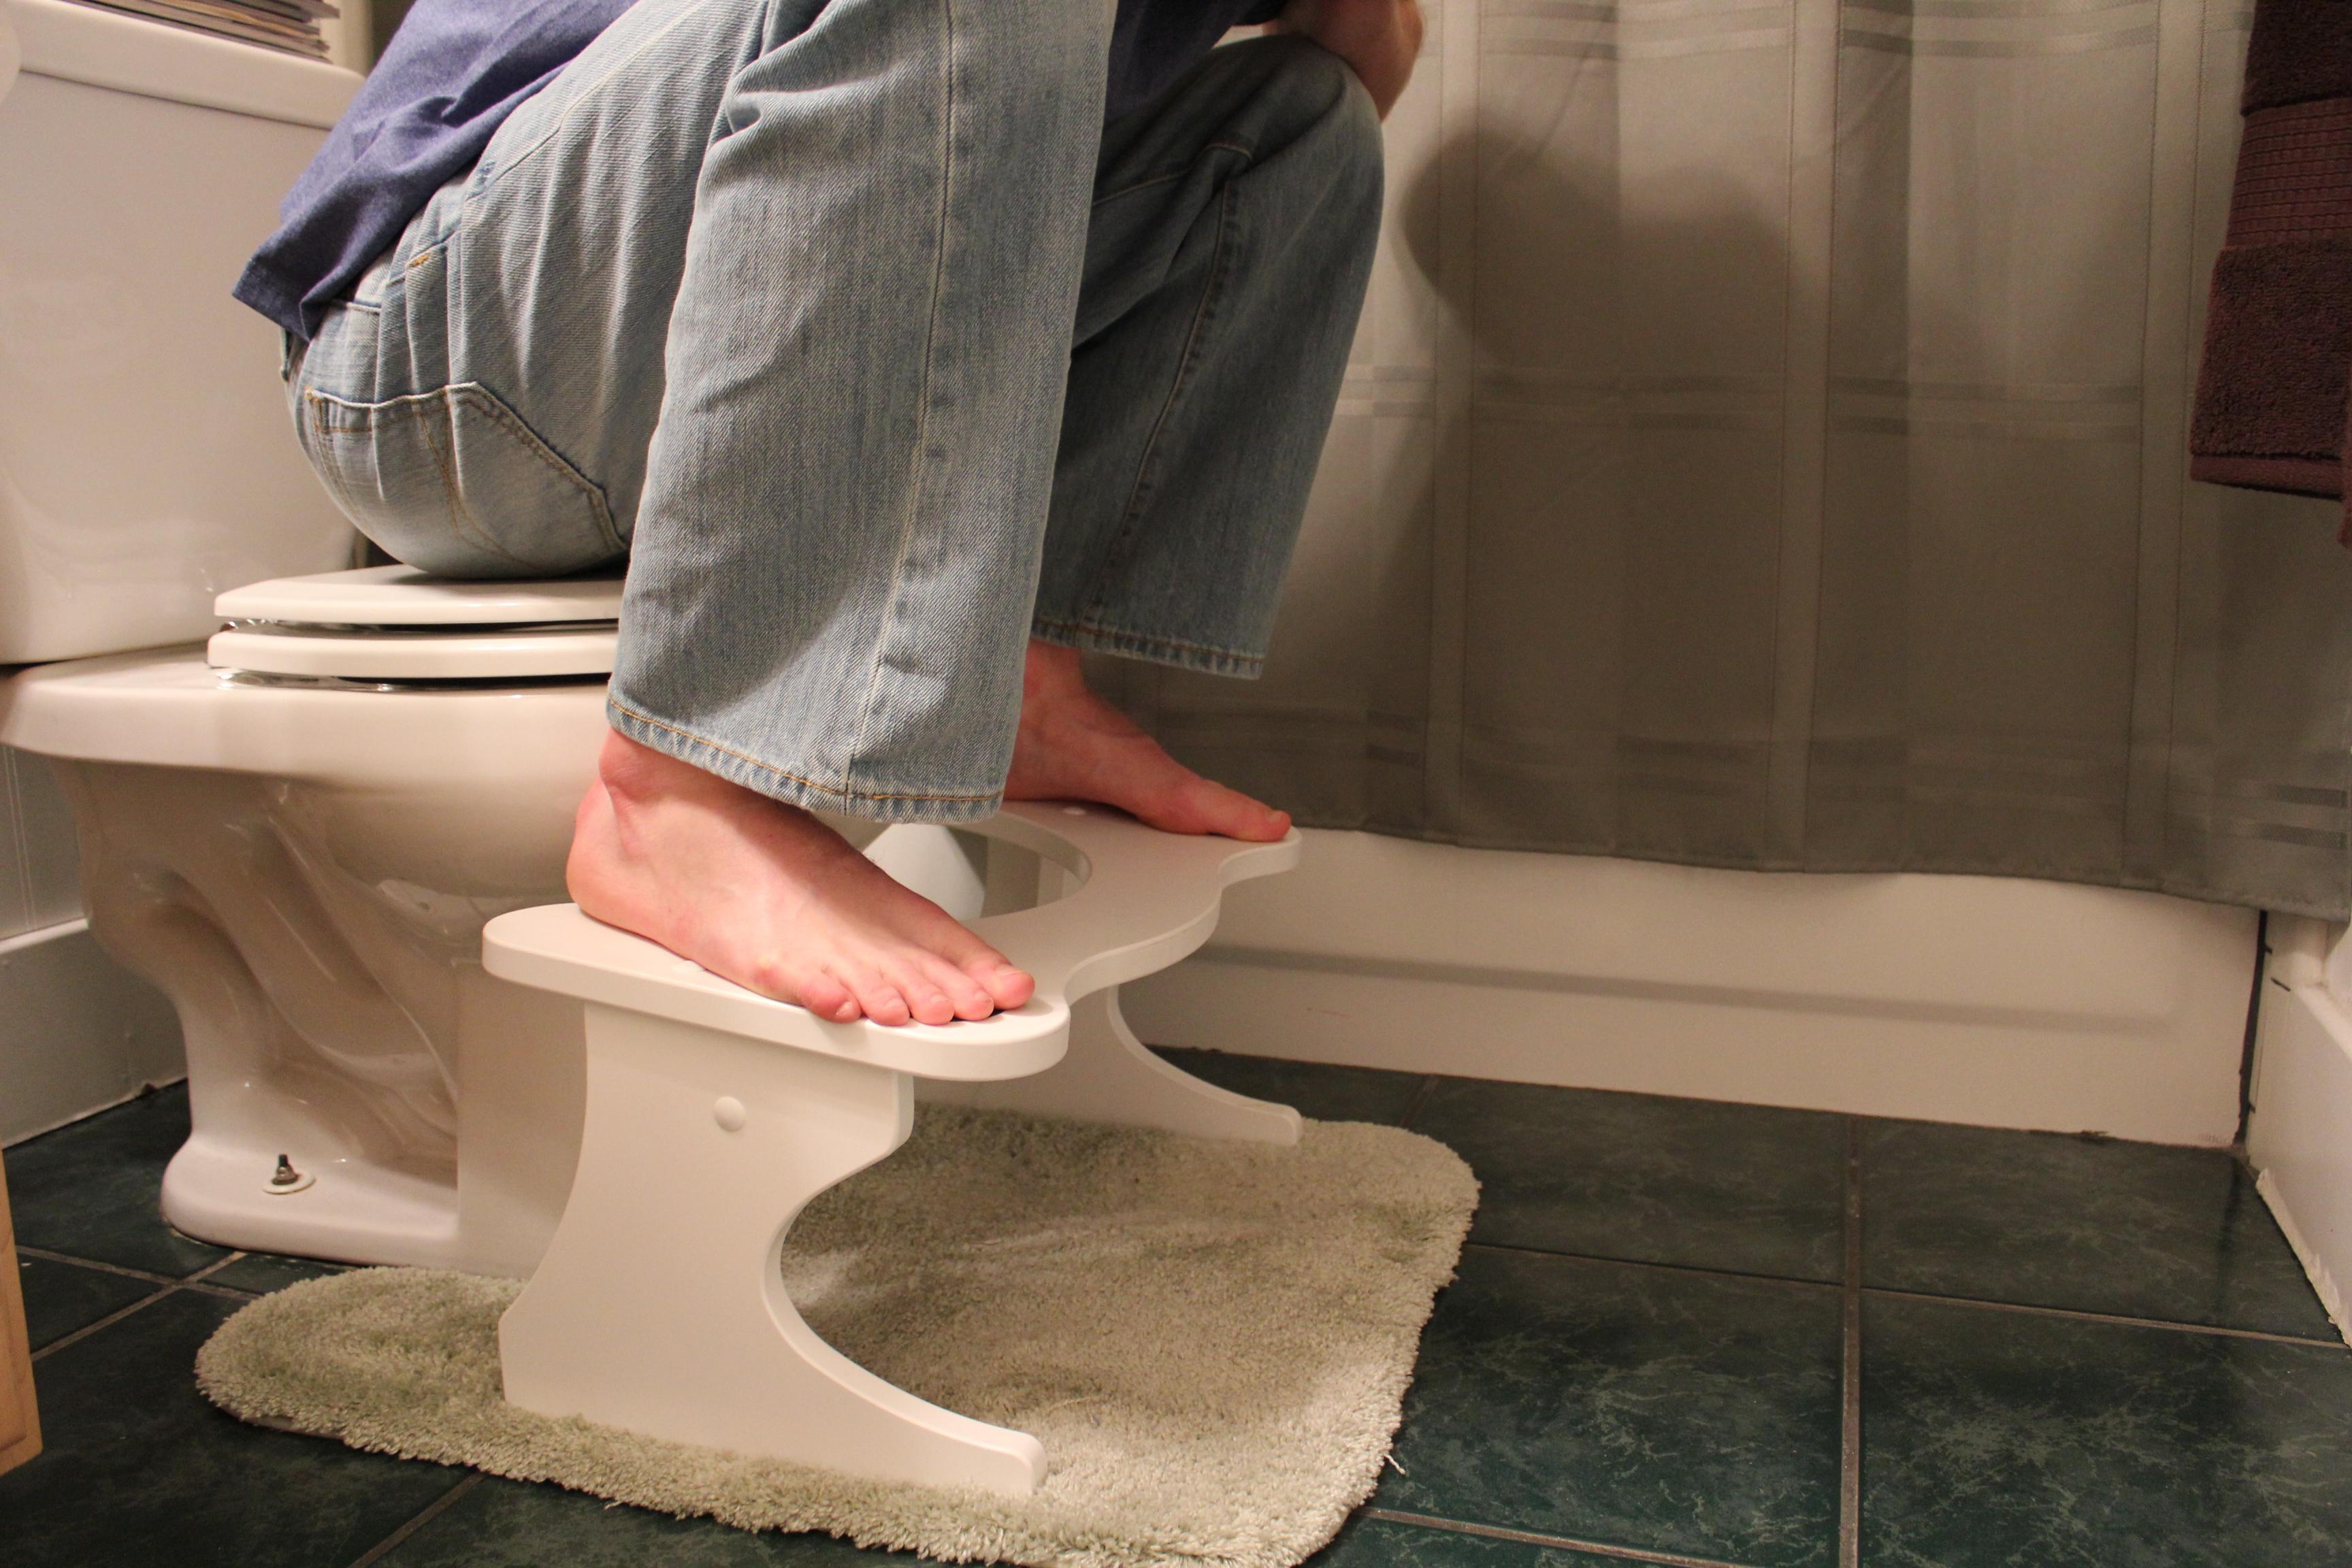 Az banyo yapmanın zararları nelerdir